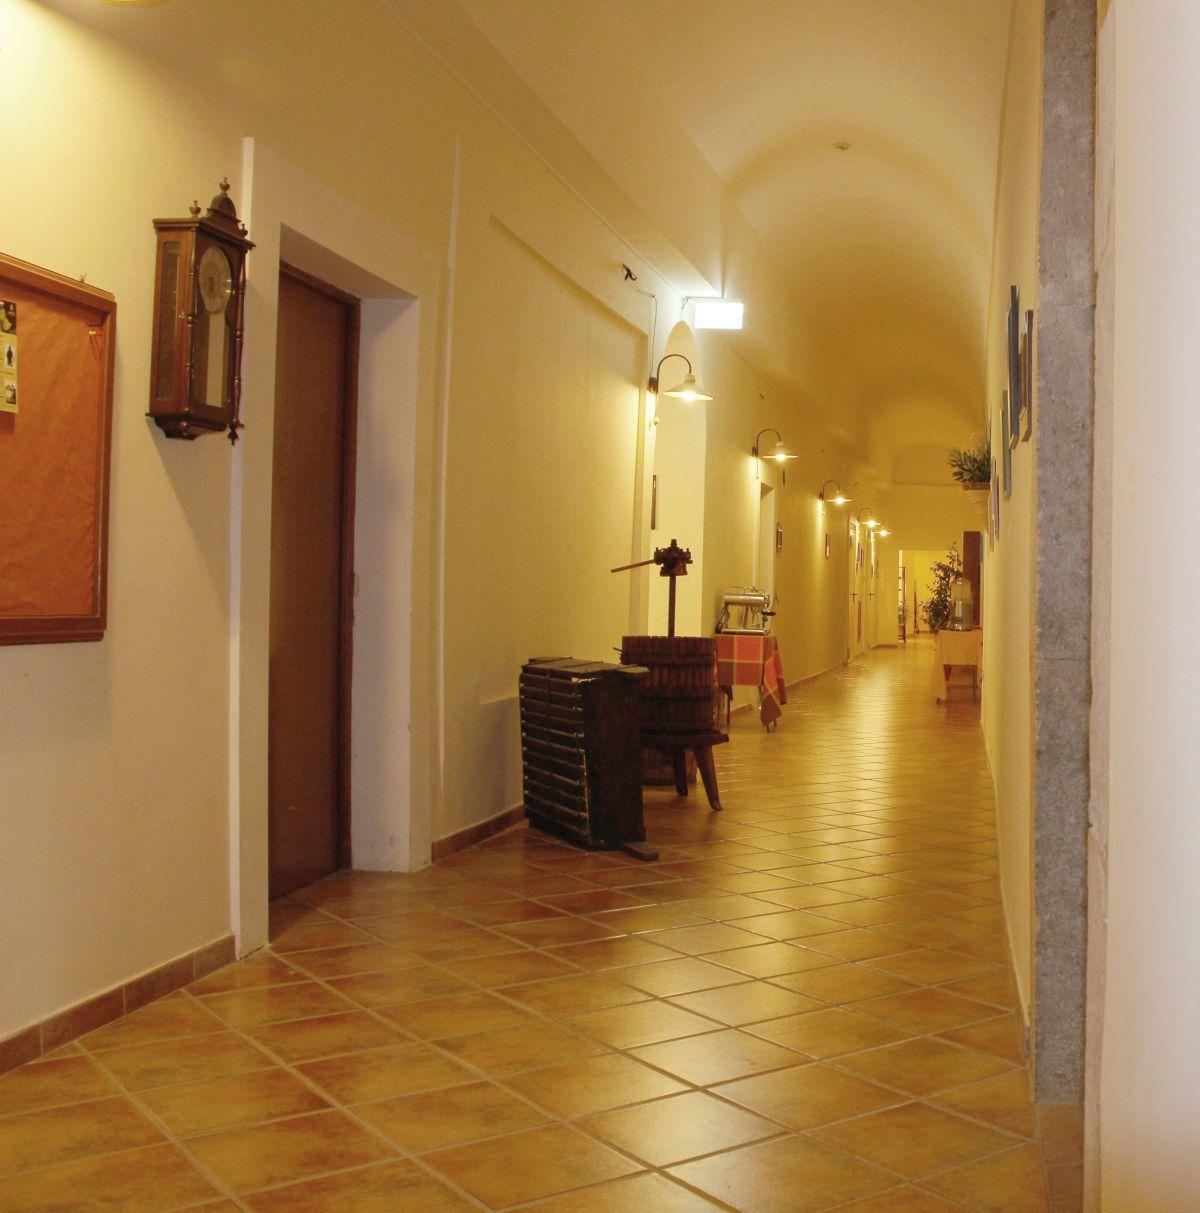 galleria immagini-hostel-il-tetto-ostello-alloggio-camera-vacanza-dormire-melfi-potenza-basilicata (30)